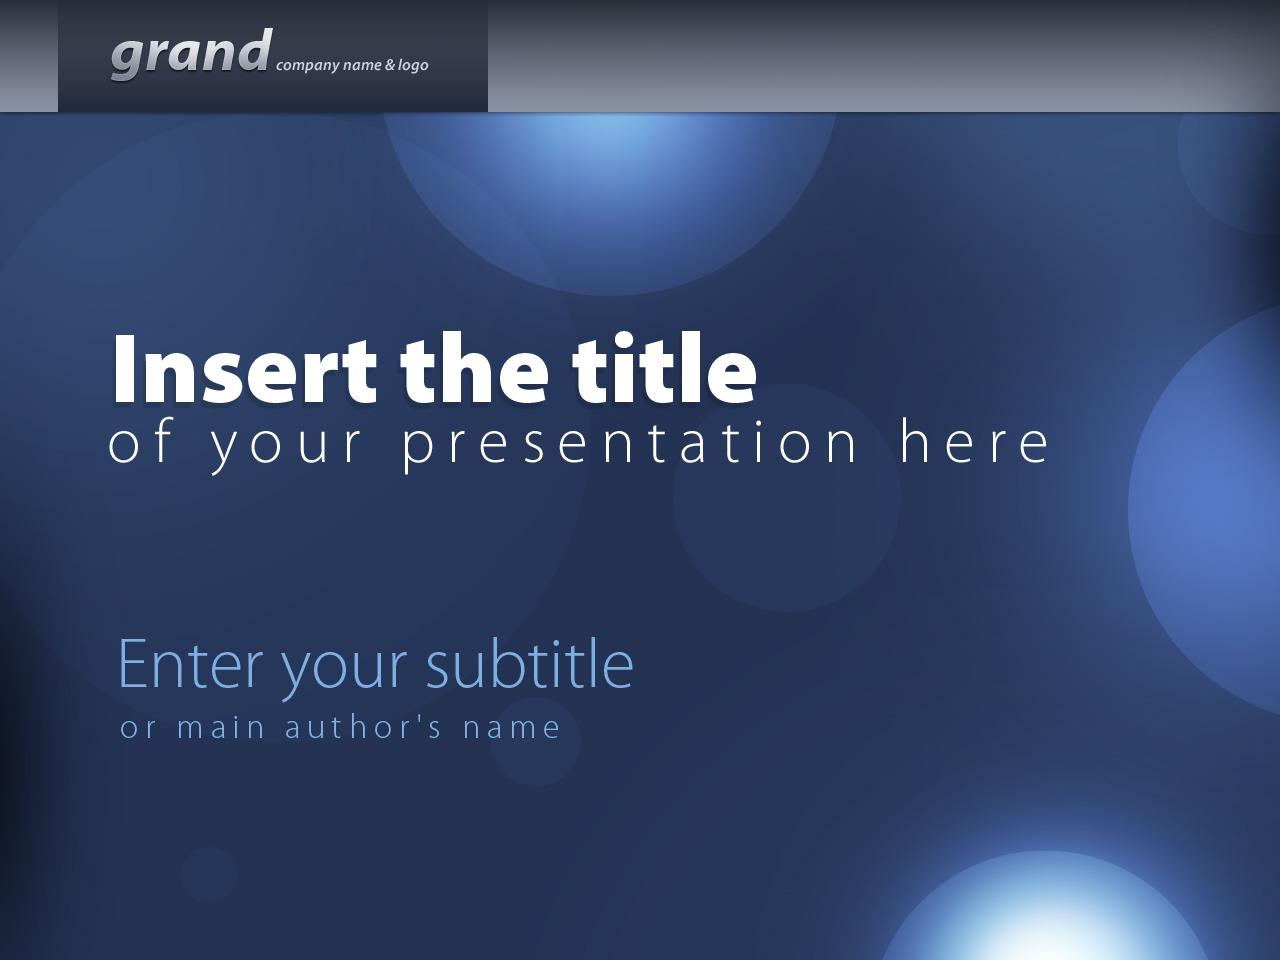 商学院网站PowerPoint 模板 #24220 - 截图